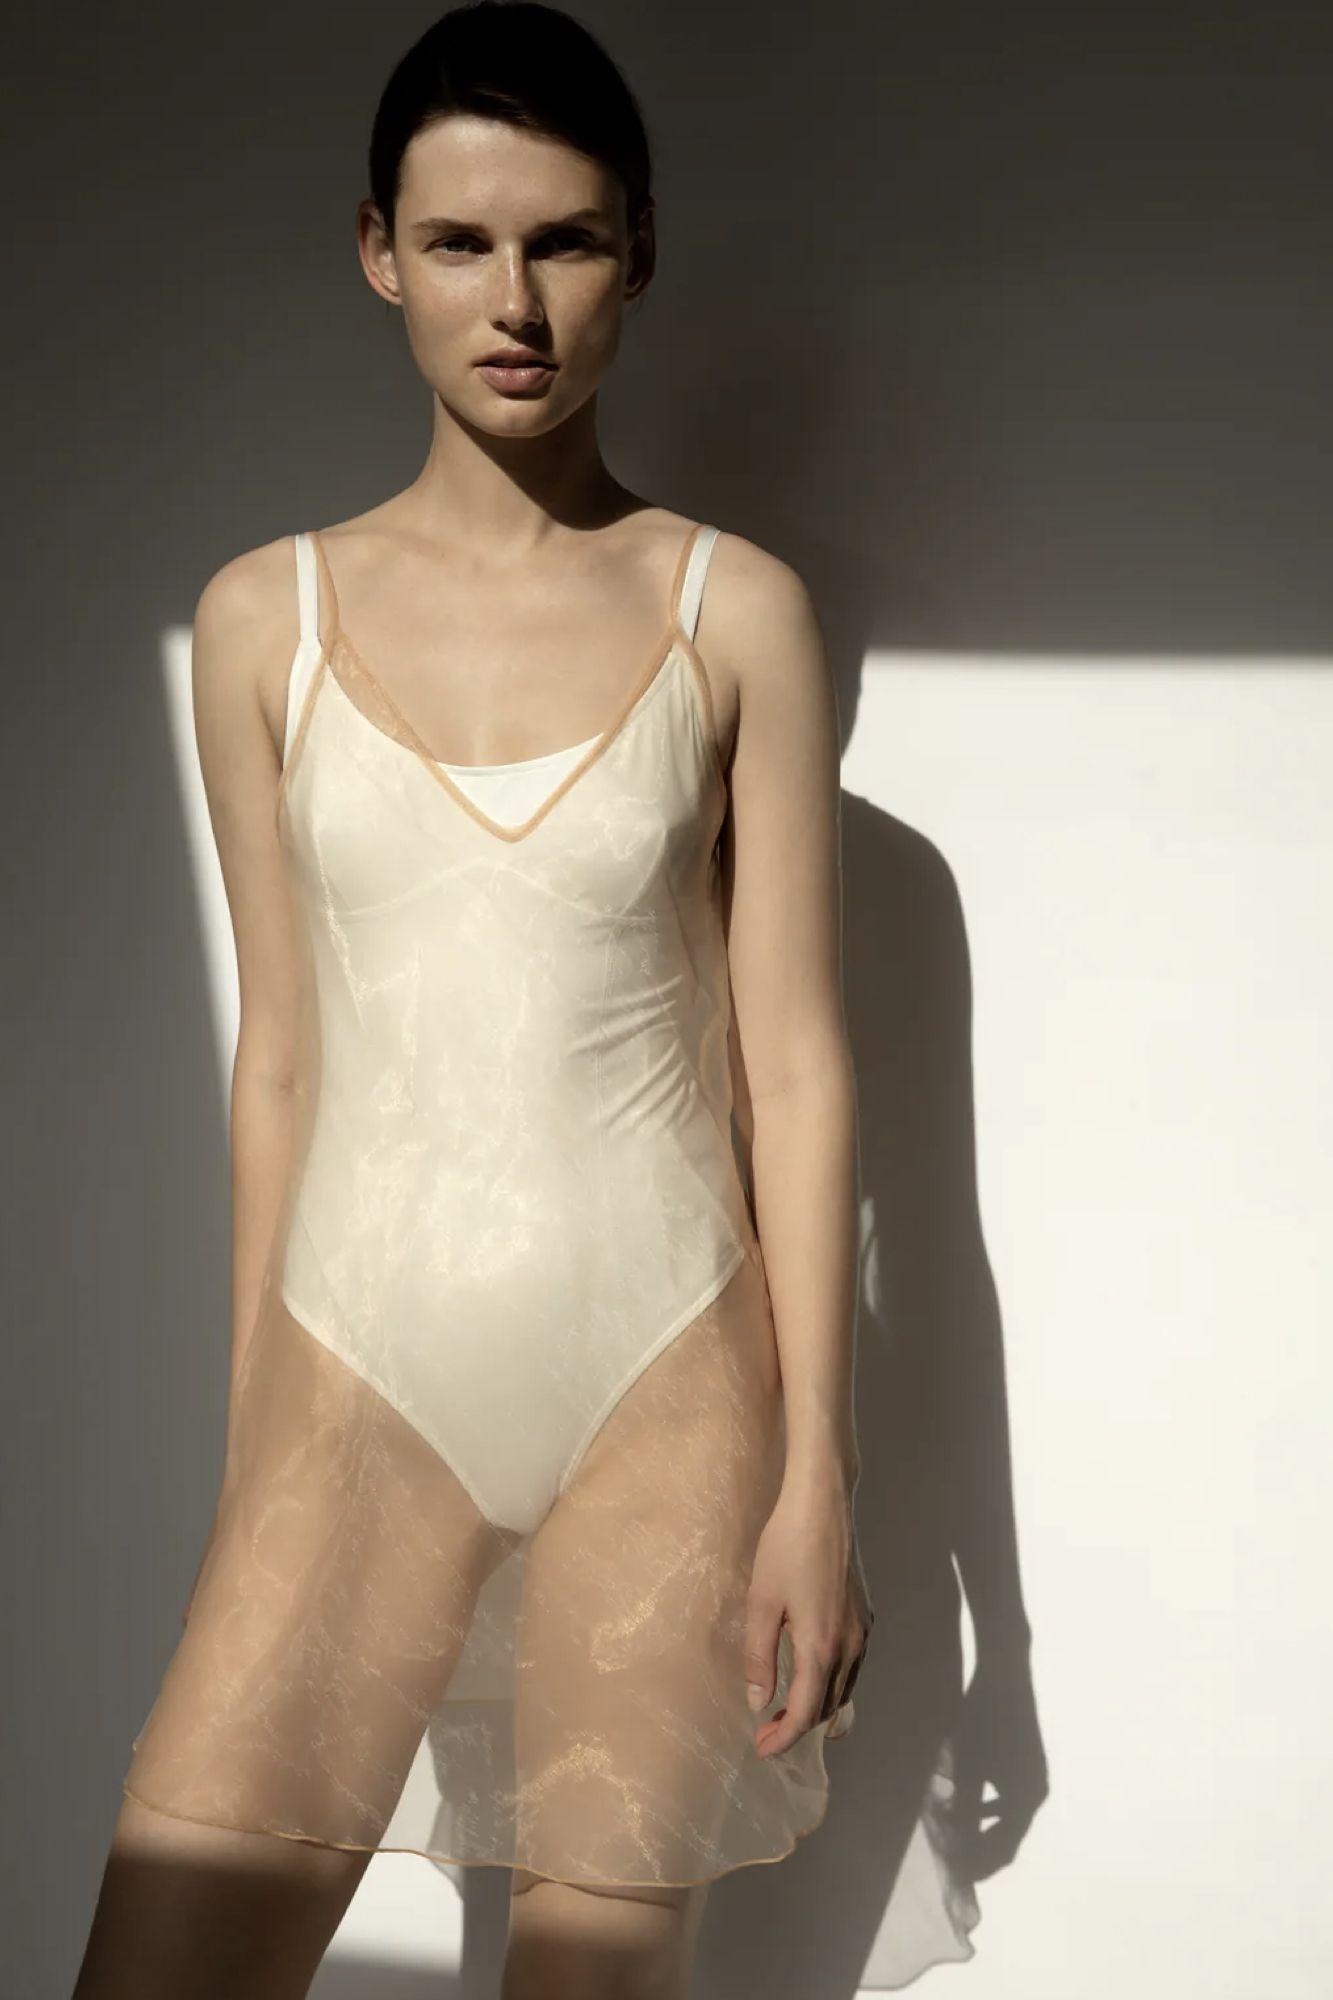 modelo con conjunto de lencería premium edición limitada de zara